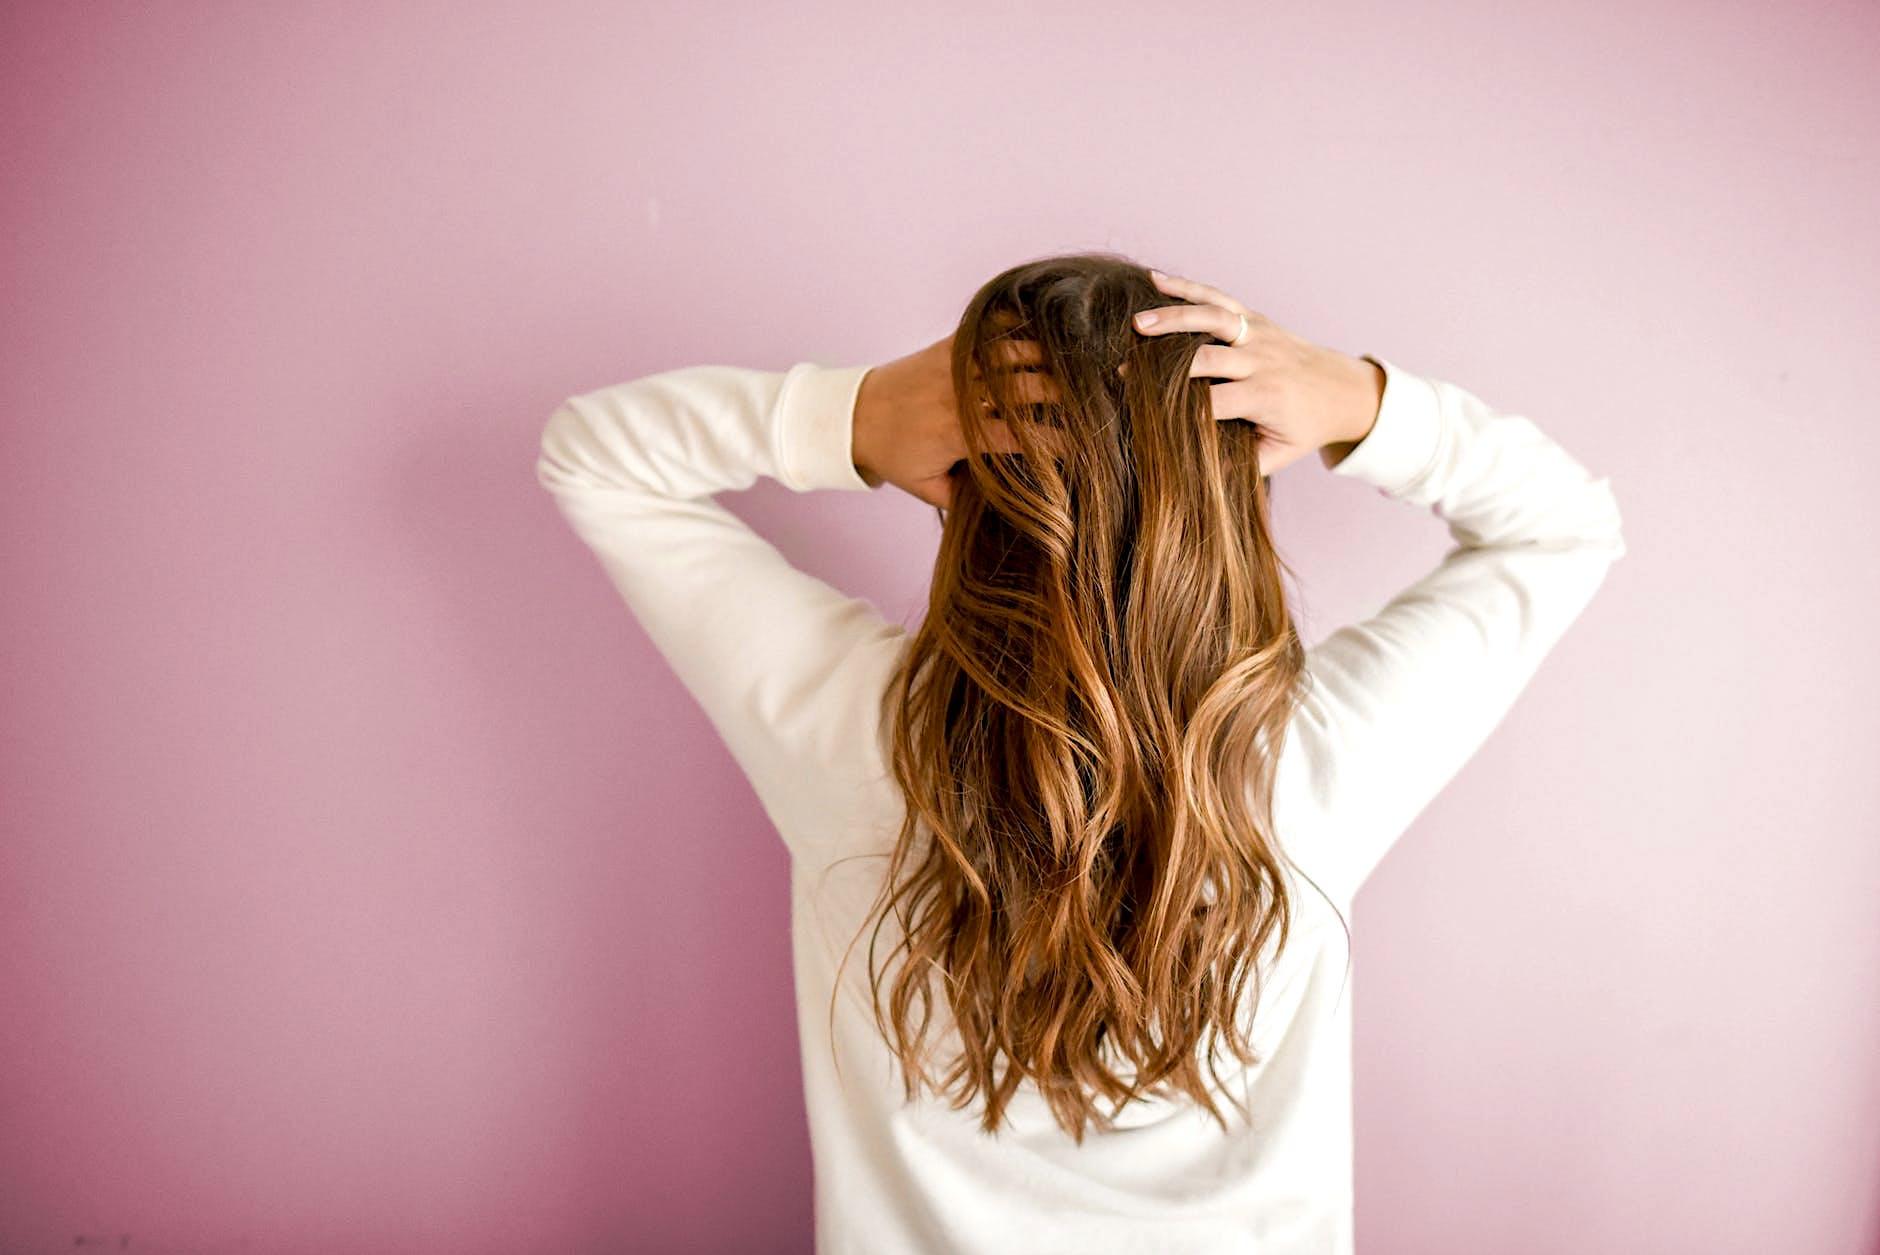 Comment avoir des cheveux brillants naturellement?